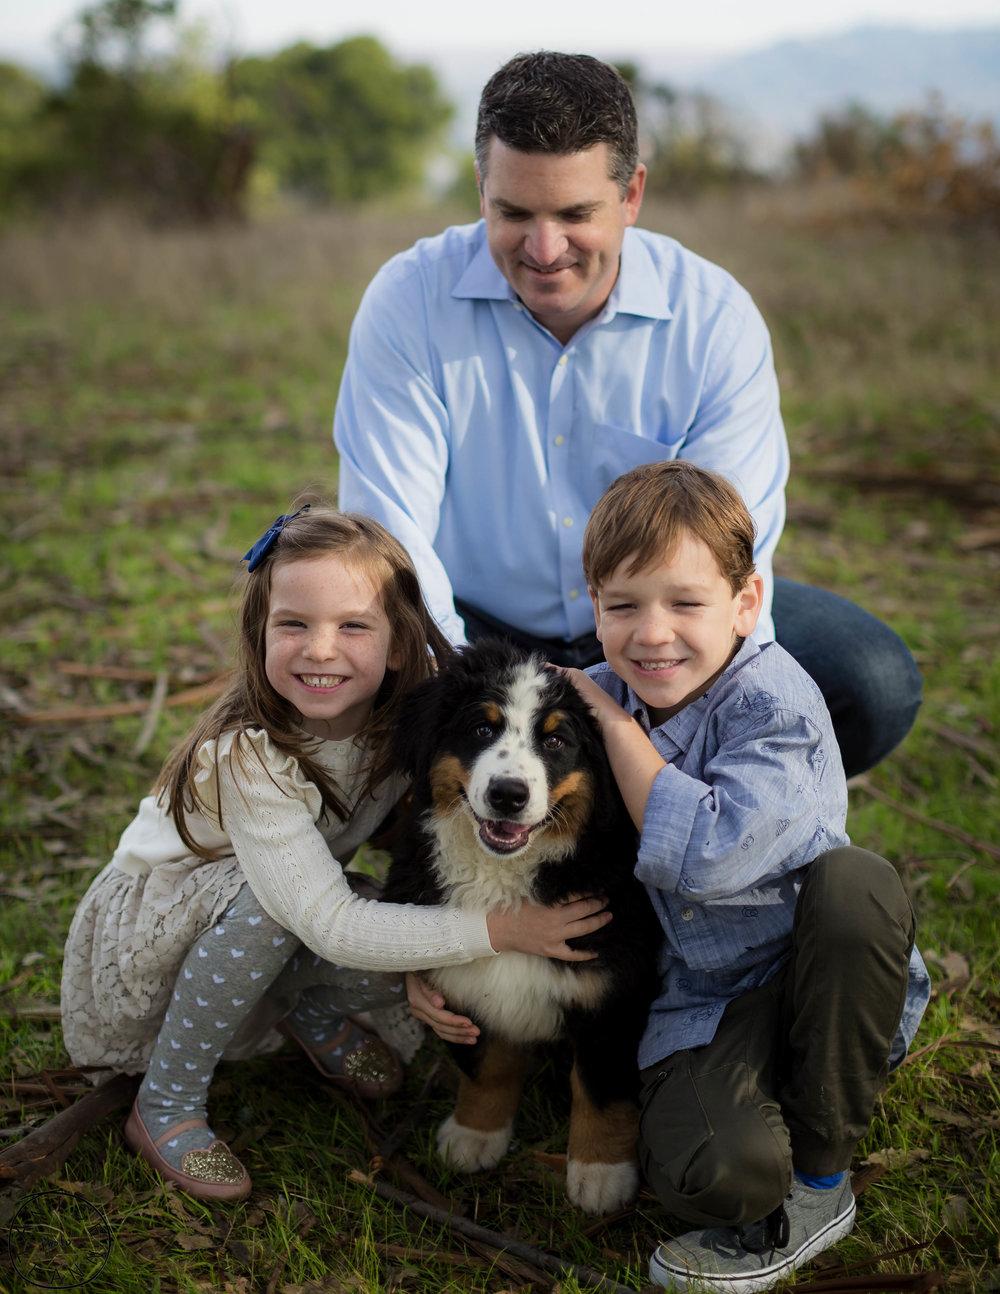 Marin County Family Photos